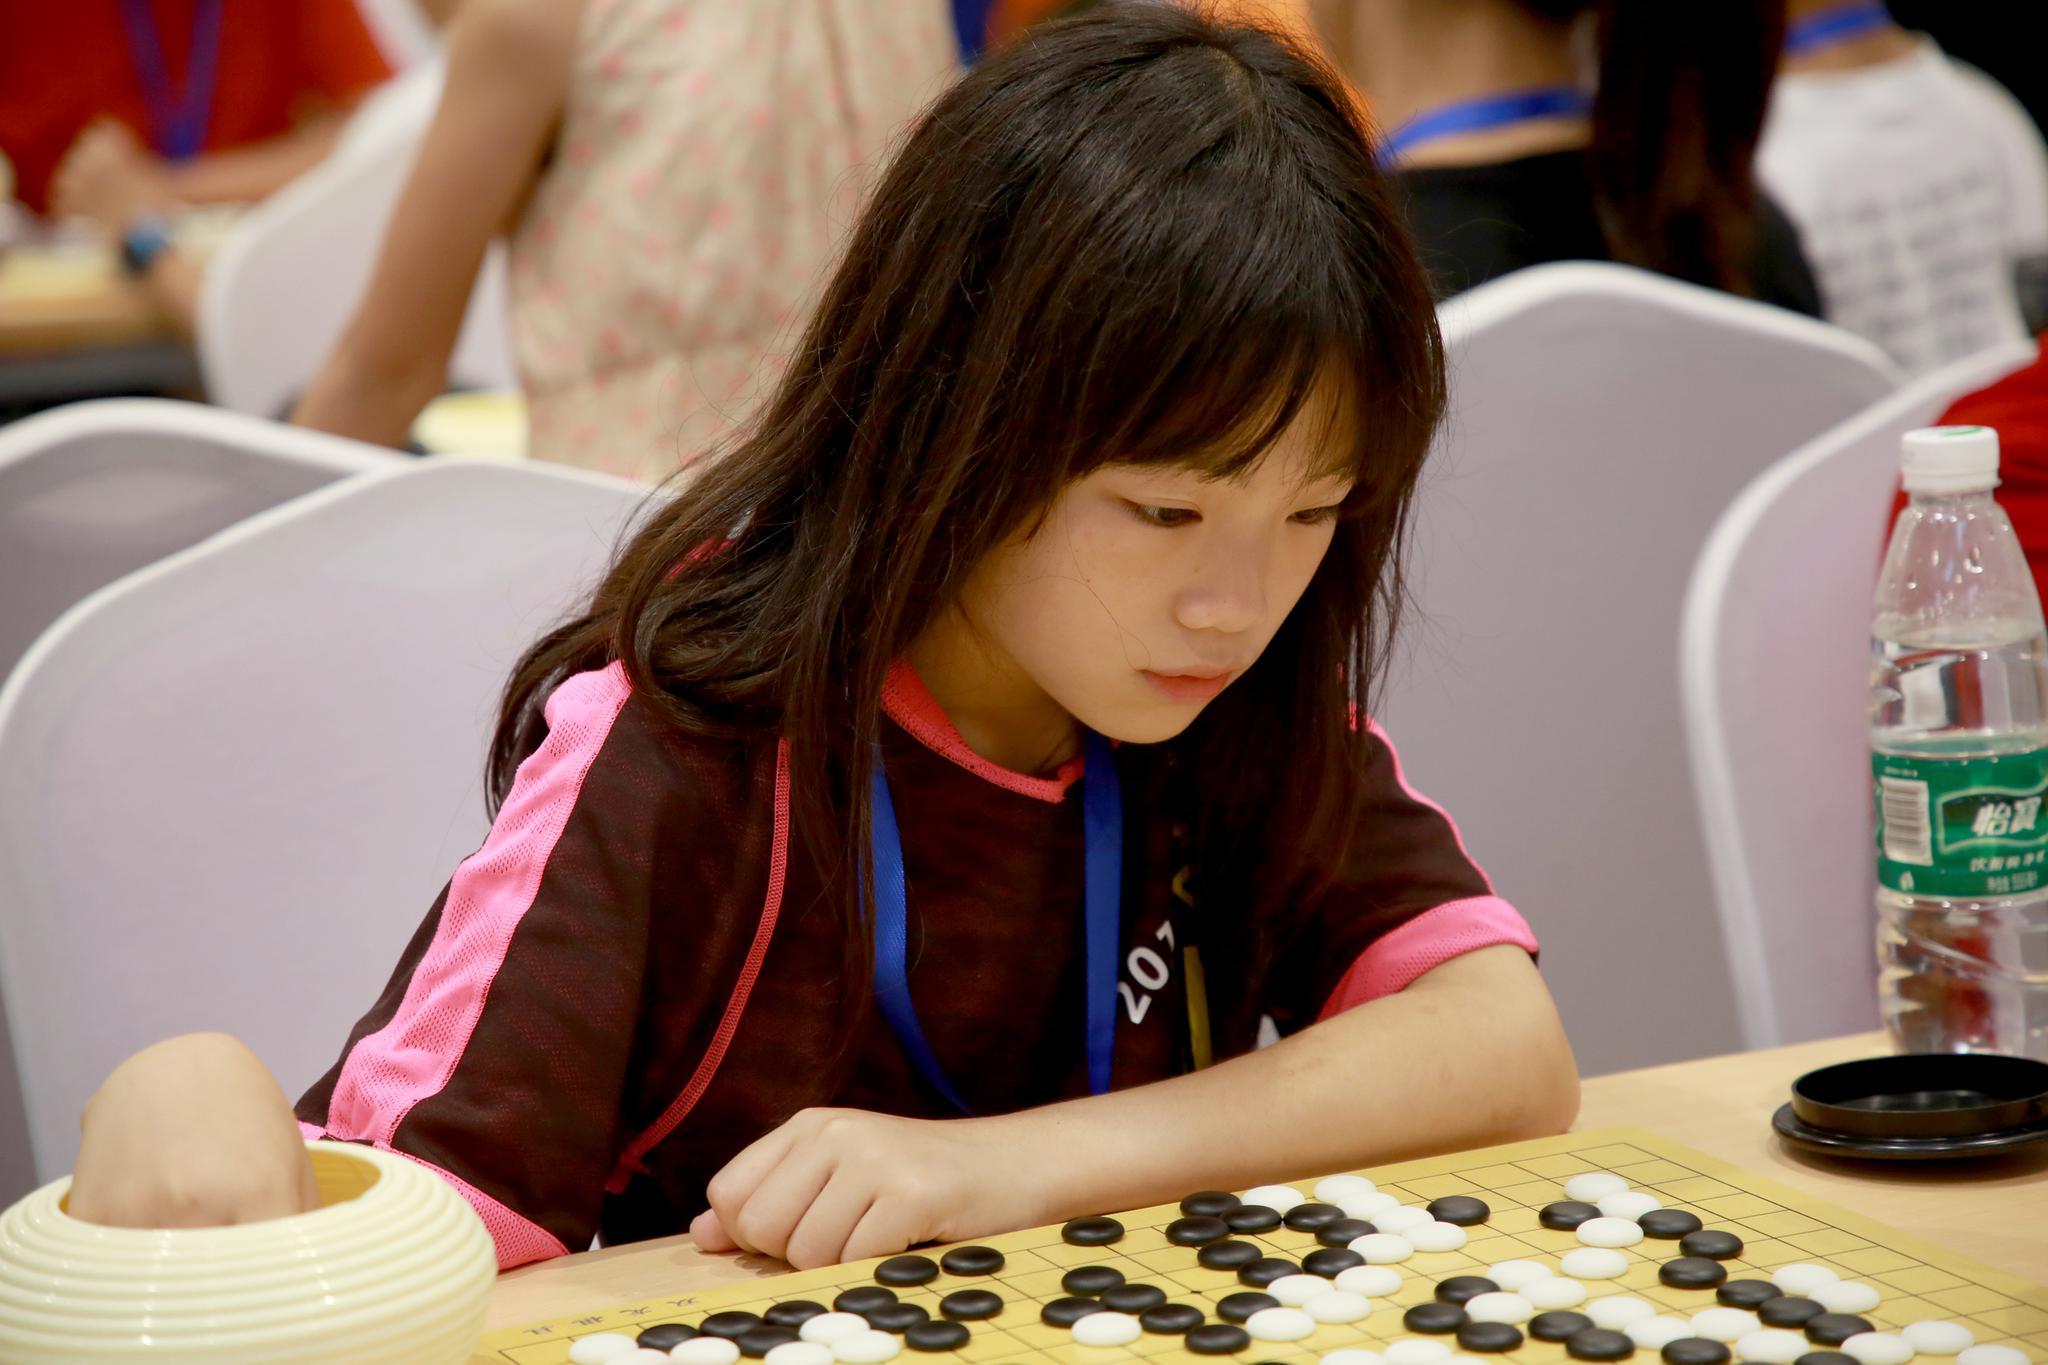 高清-围棋大会女选手精彩瞬间